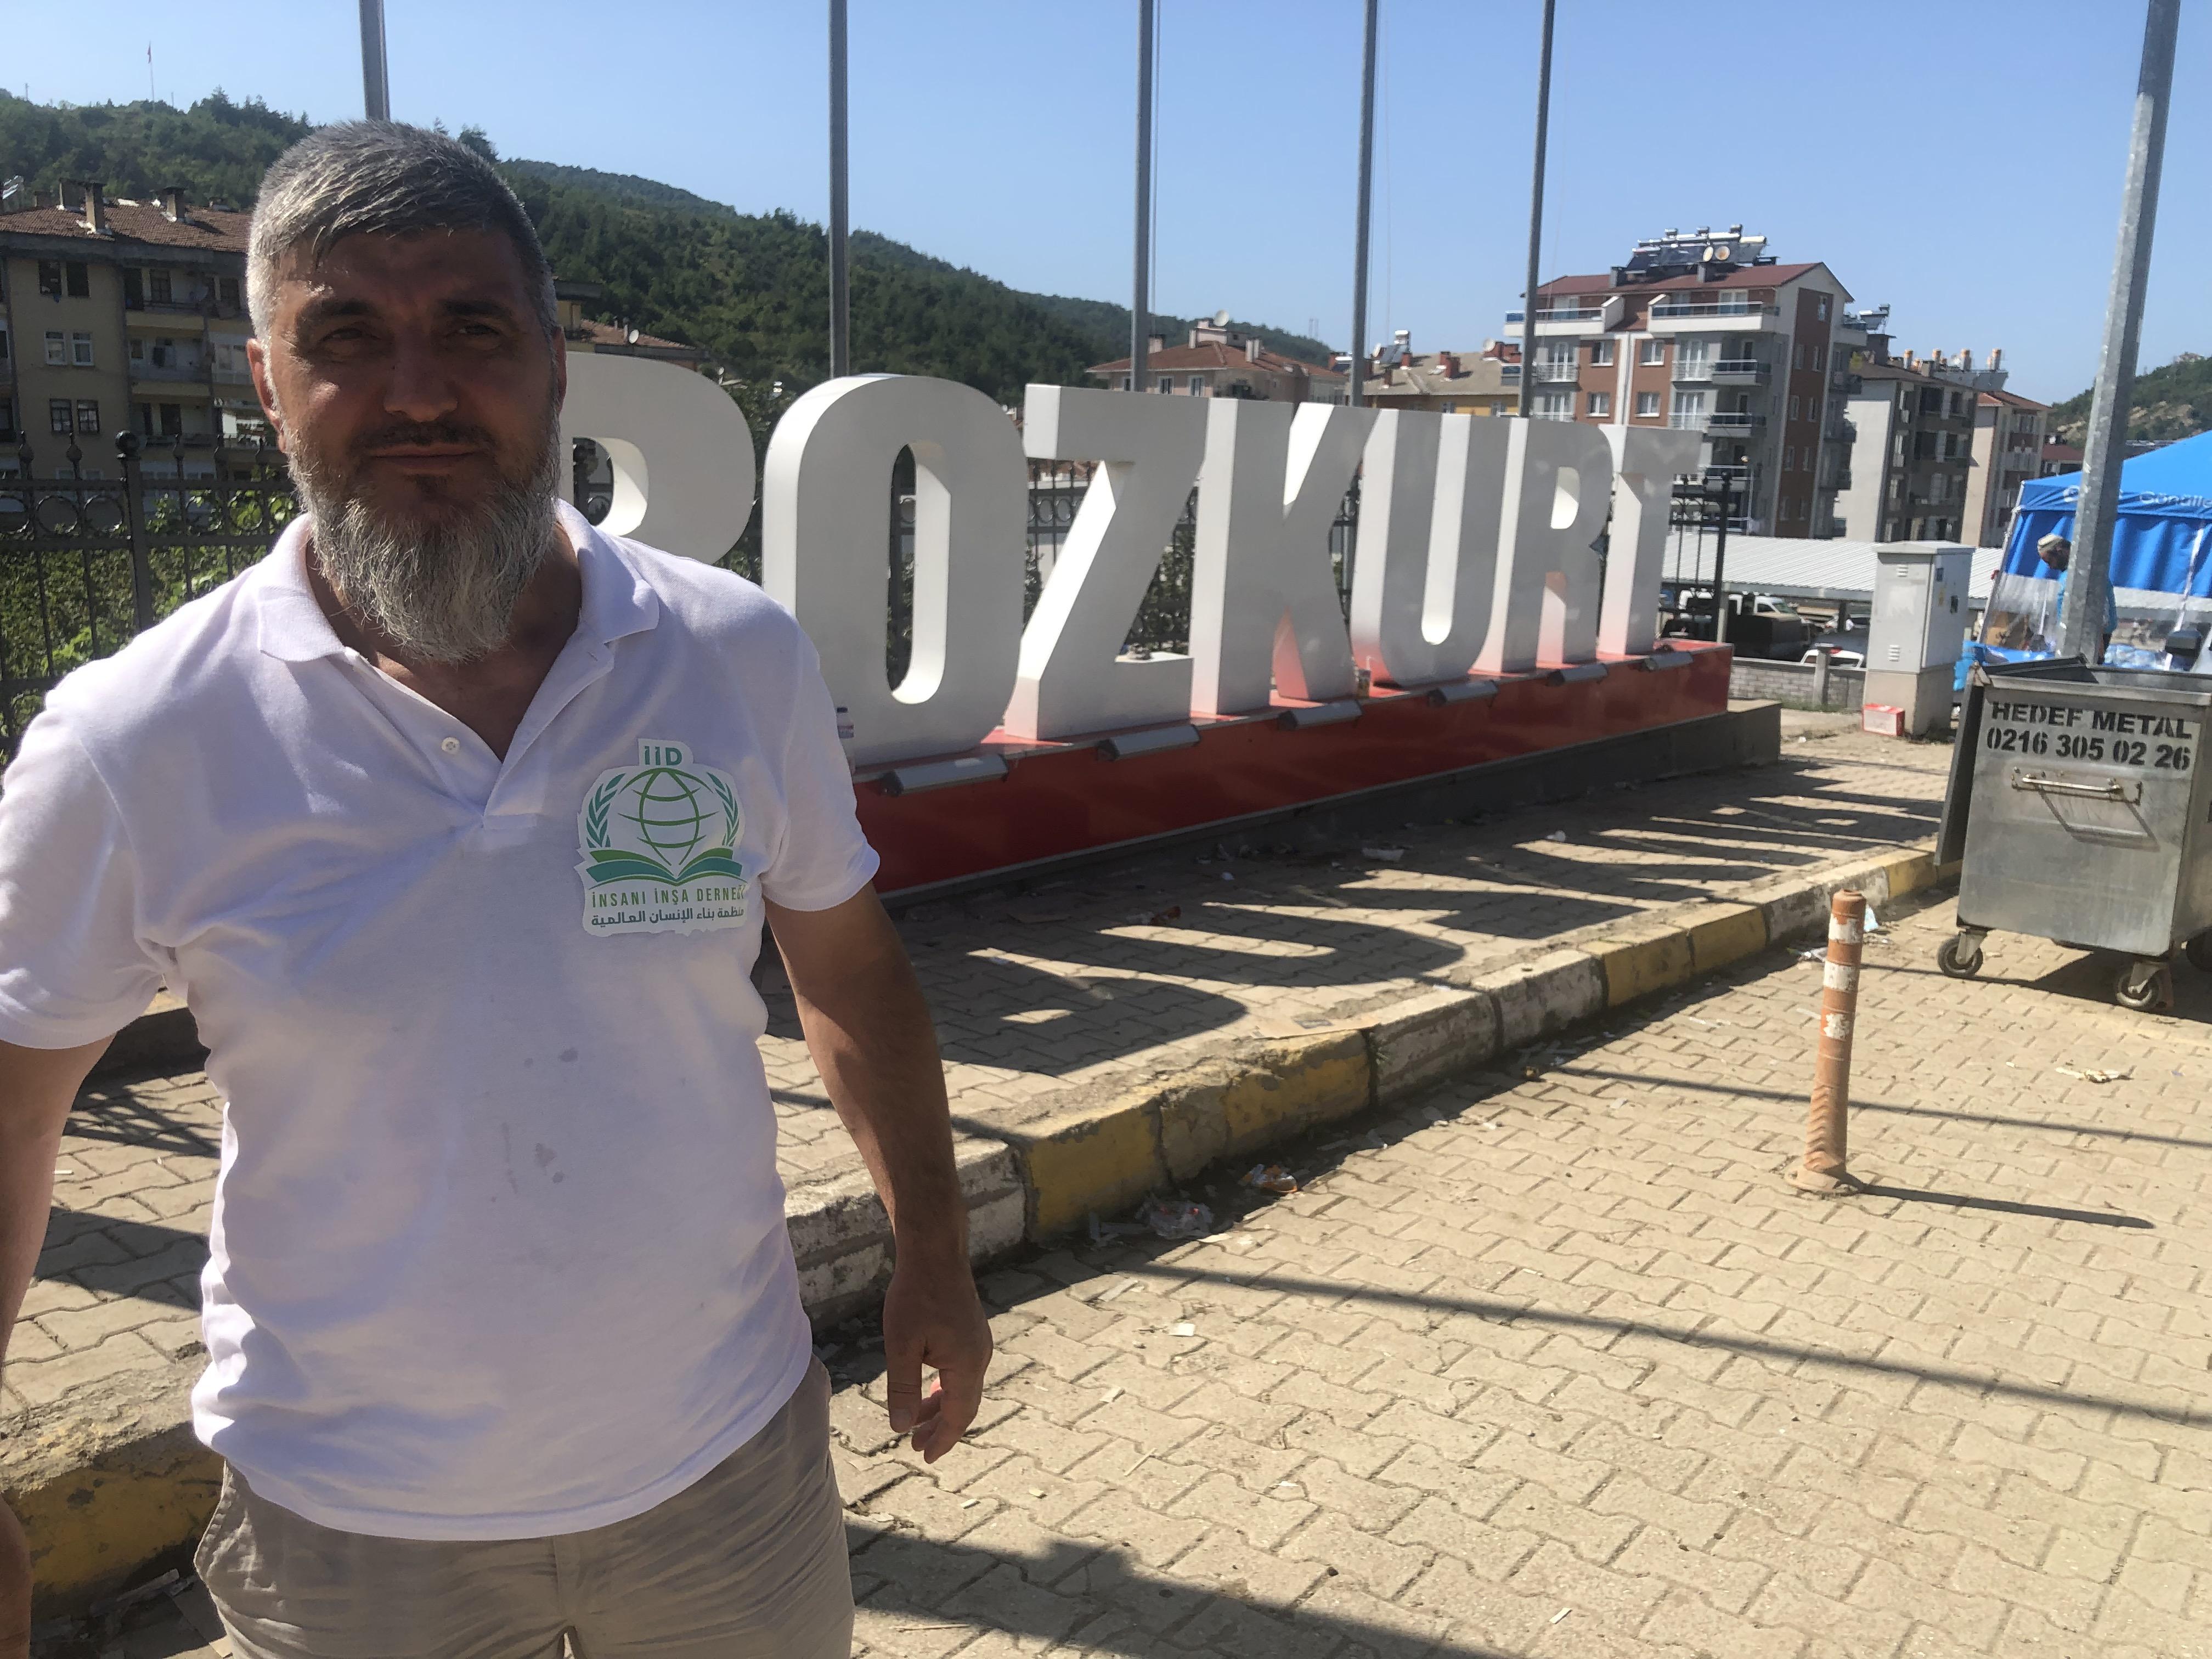 Kastamonu Bozkurt - Haberler - İnsanı İnşa Derneği İİD. Uluslararası Yardım Kuruluşu